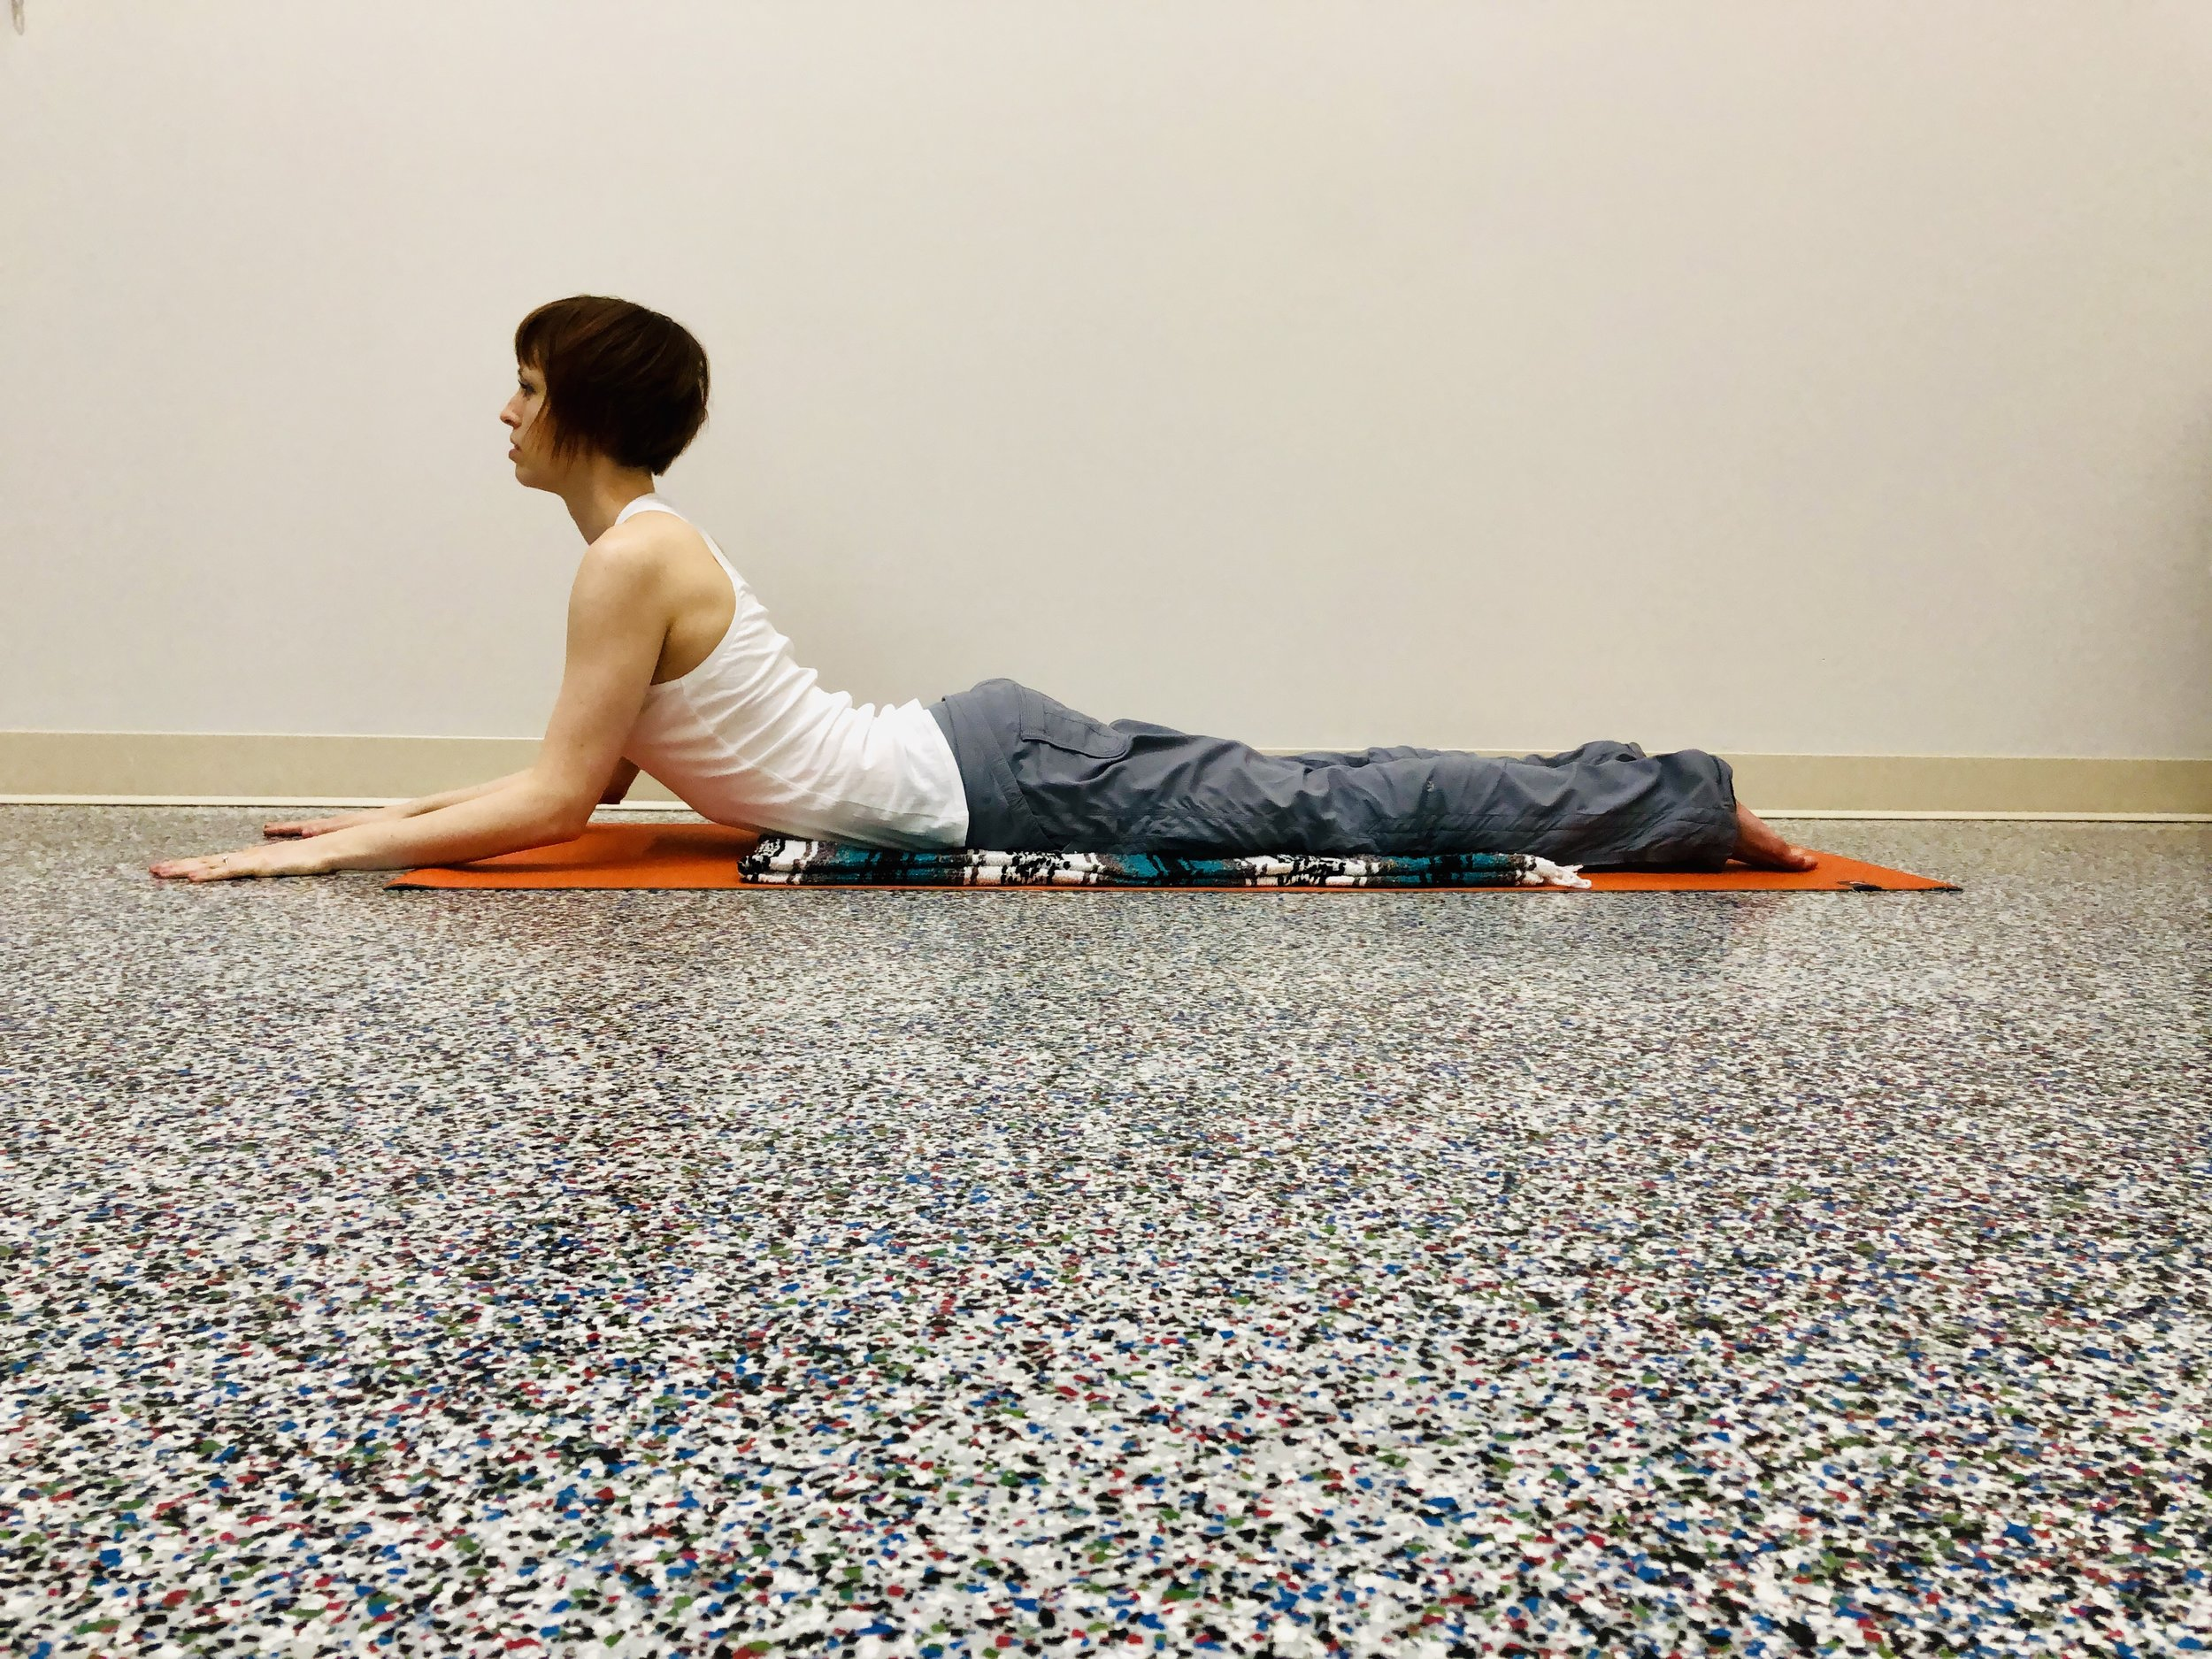 Bend elbows. Lengthen ribs forward.